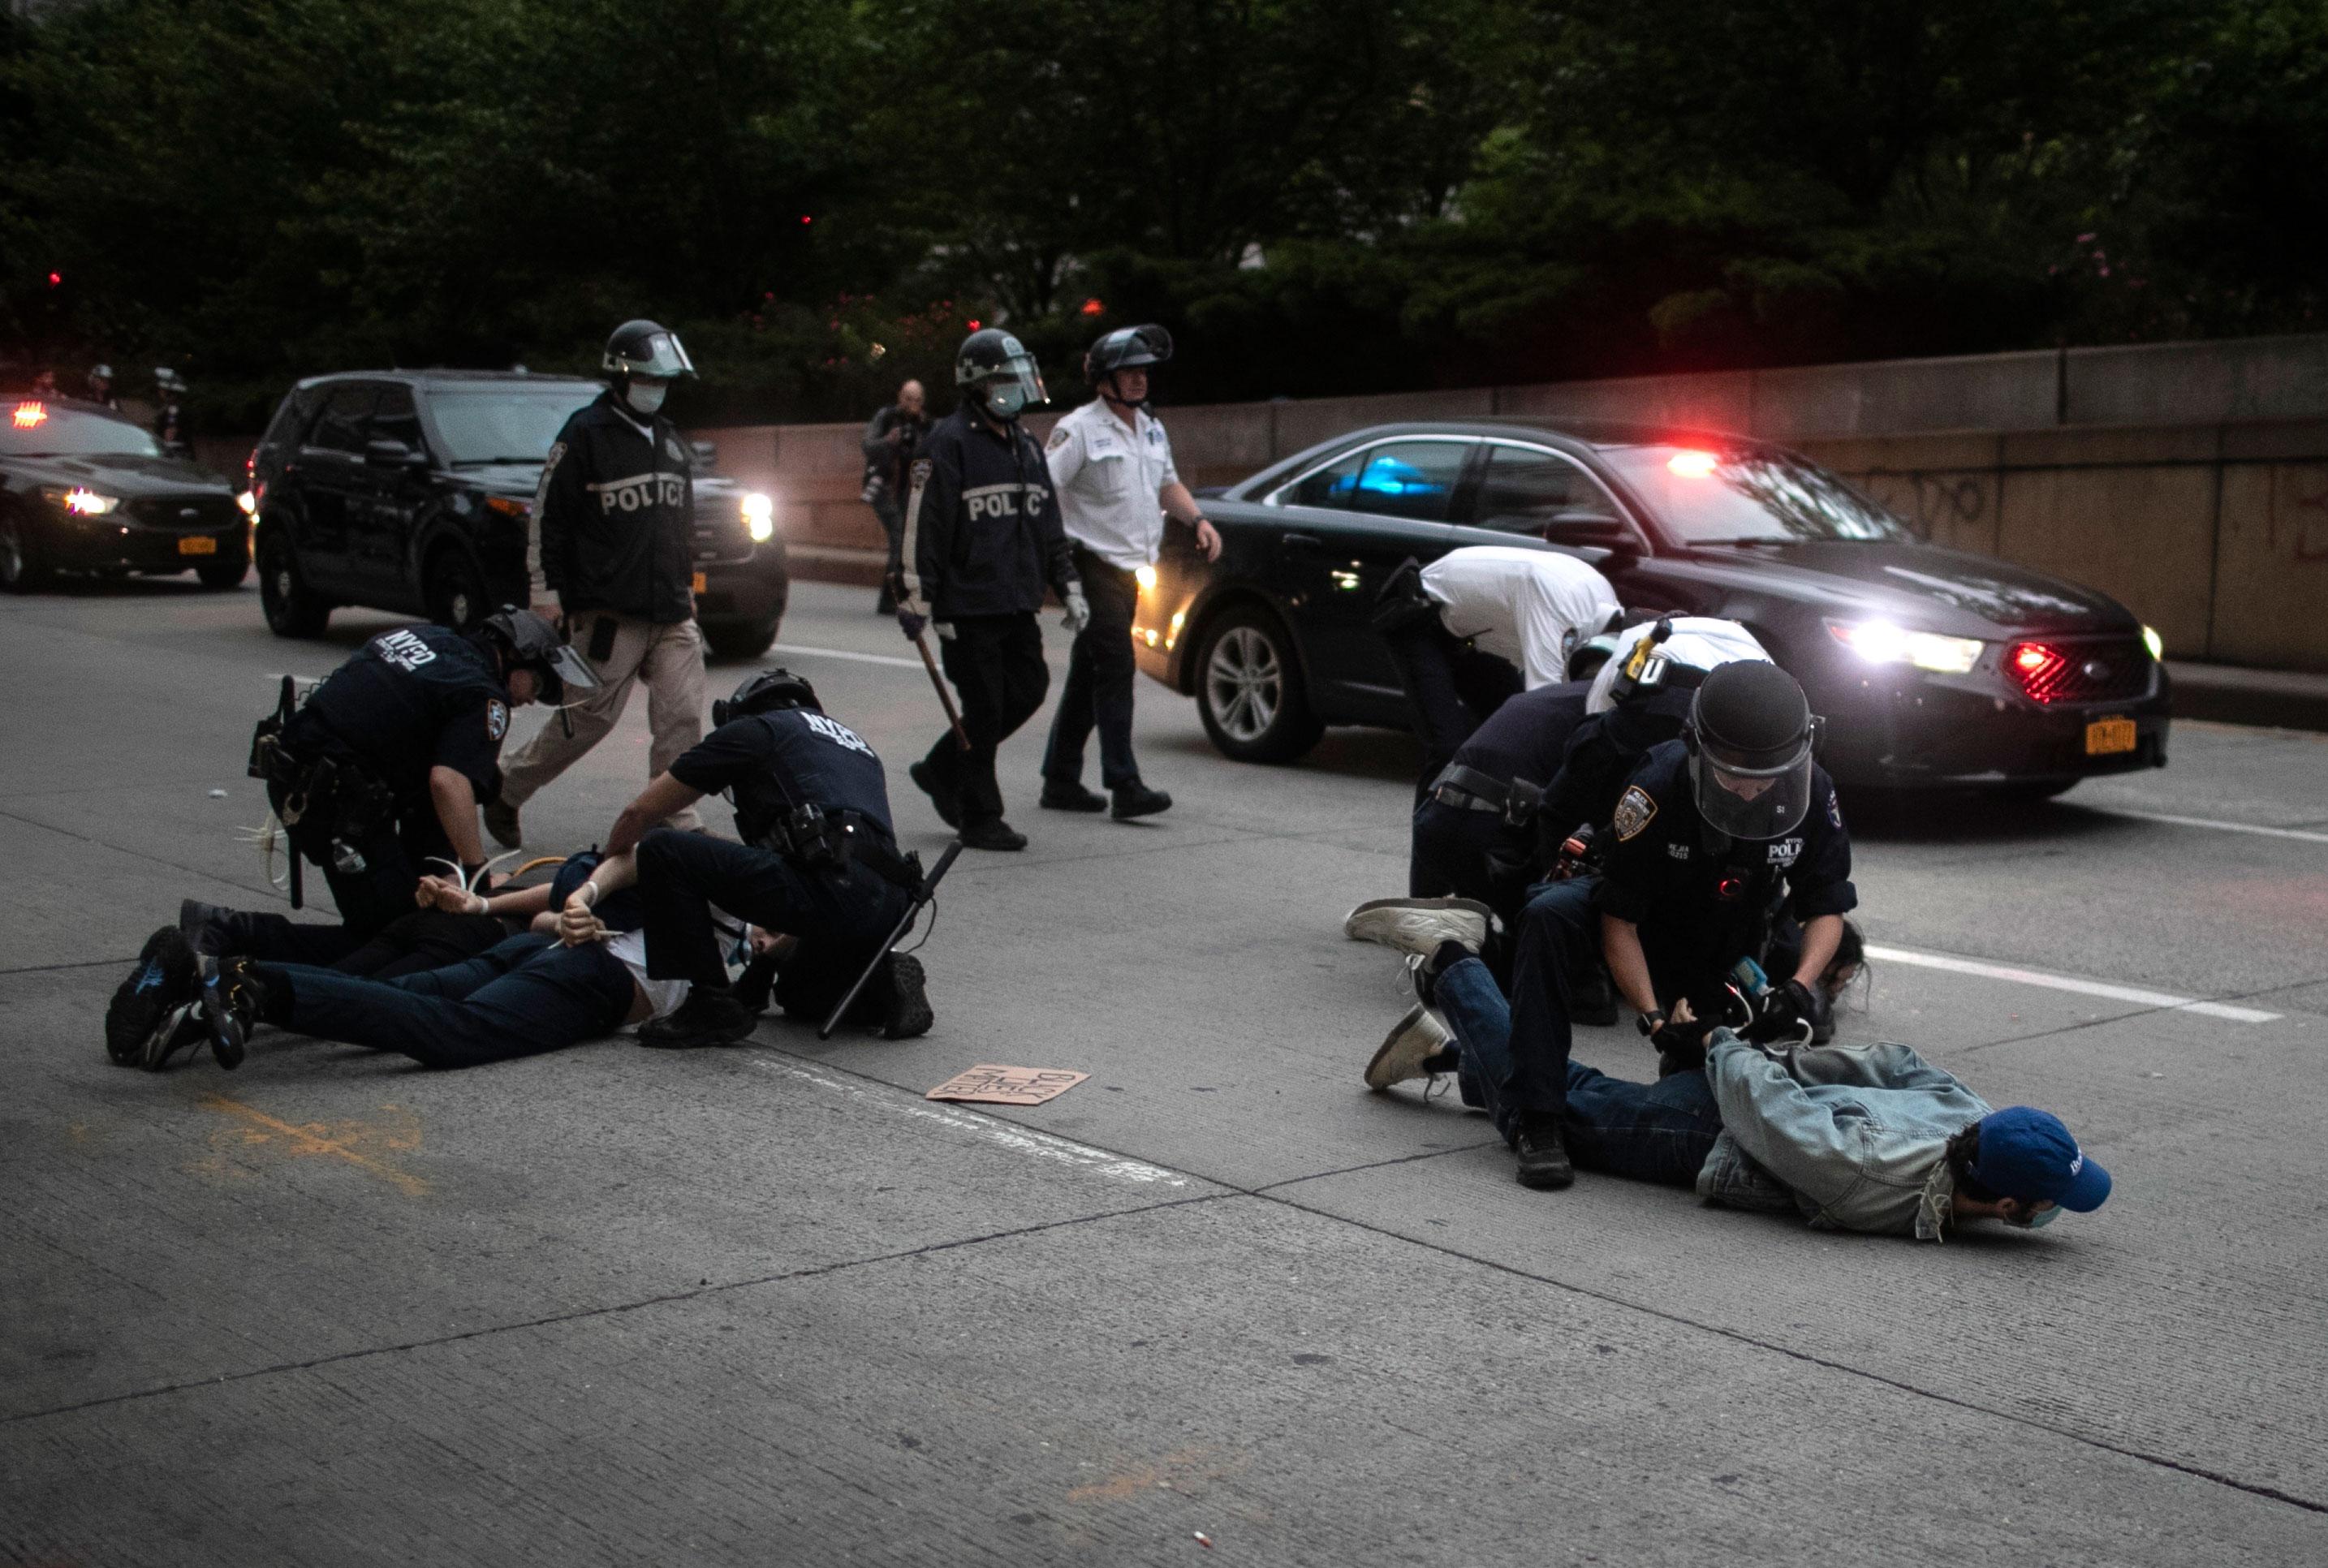 تداوم اعتراضات مردمی در آمریکا علیه نژادپرستی/ خیابانهای آتلانتا به میدان جنگ تبدیل شده است